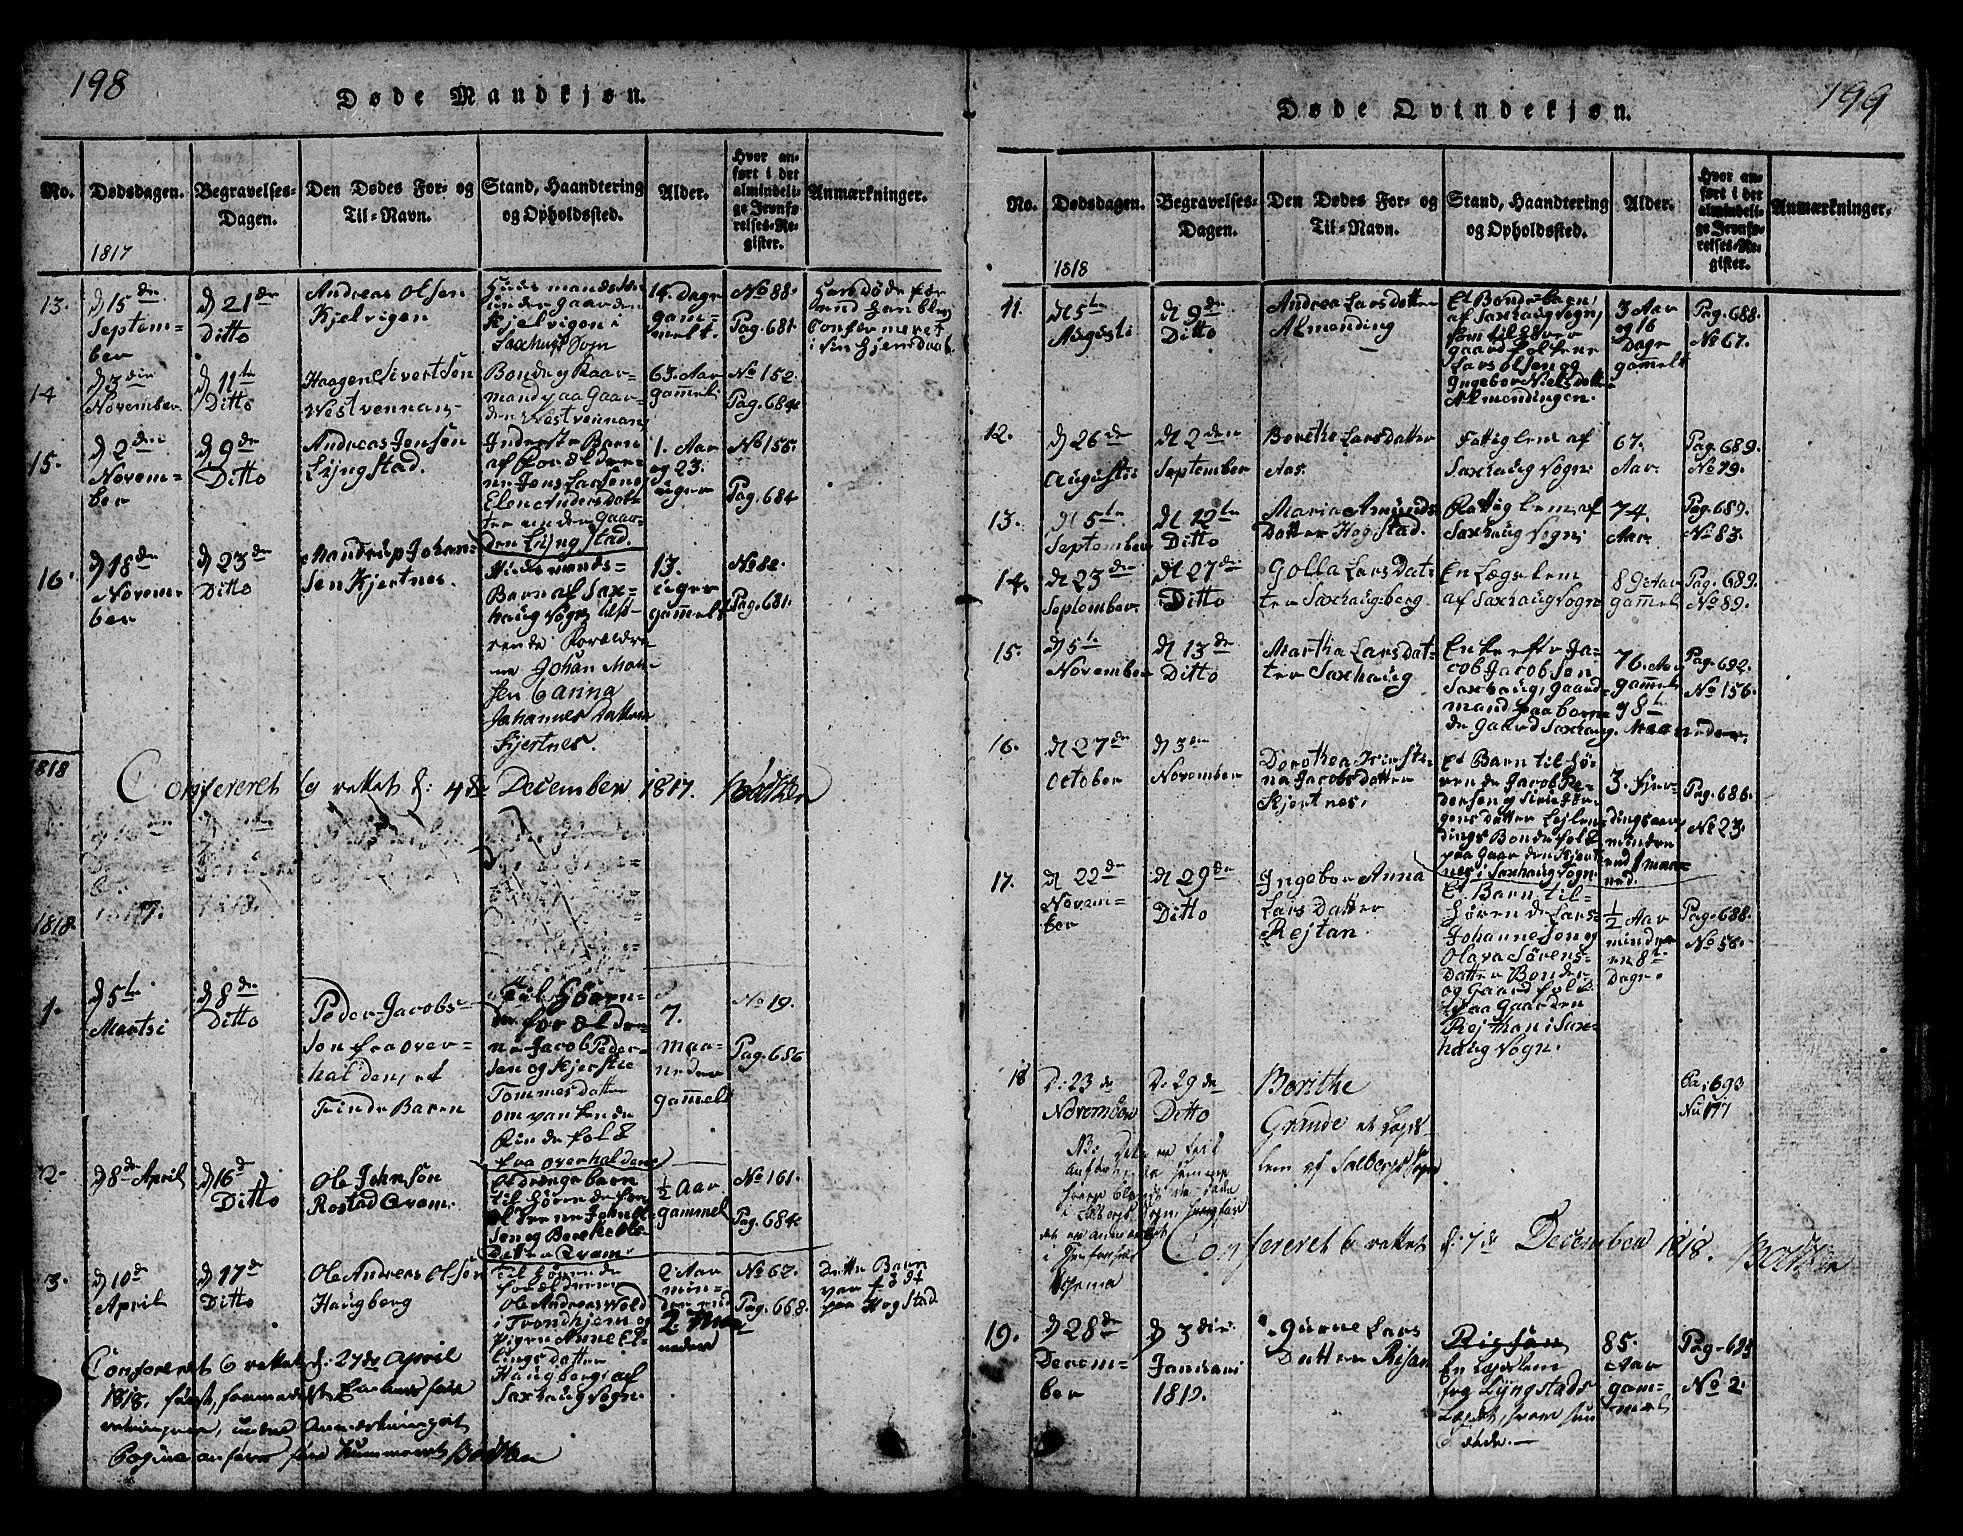 SAT, Ministerialprotokoller, klokkerbøker og fødselsregistre - Nord-Trøndelag, 730/L0298: Klokkerbok nr. 730C01, 1816-1849, s. 198-199